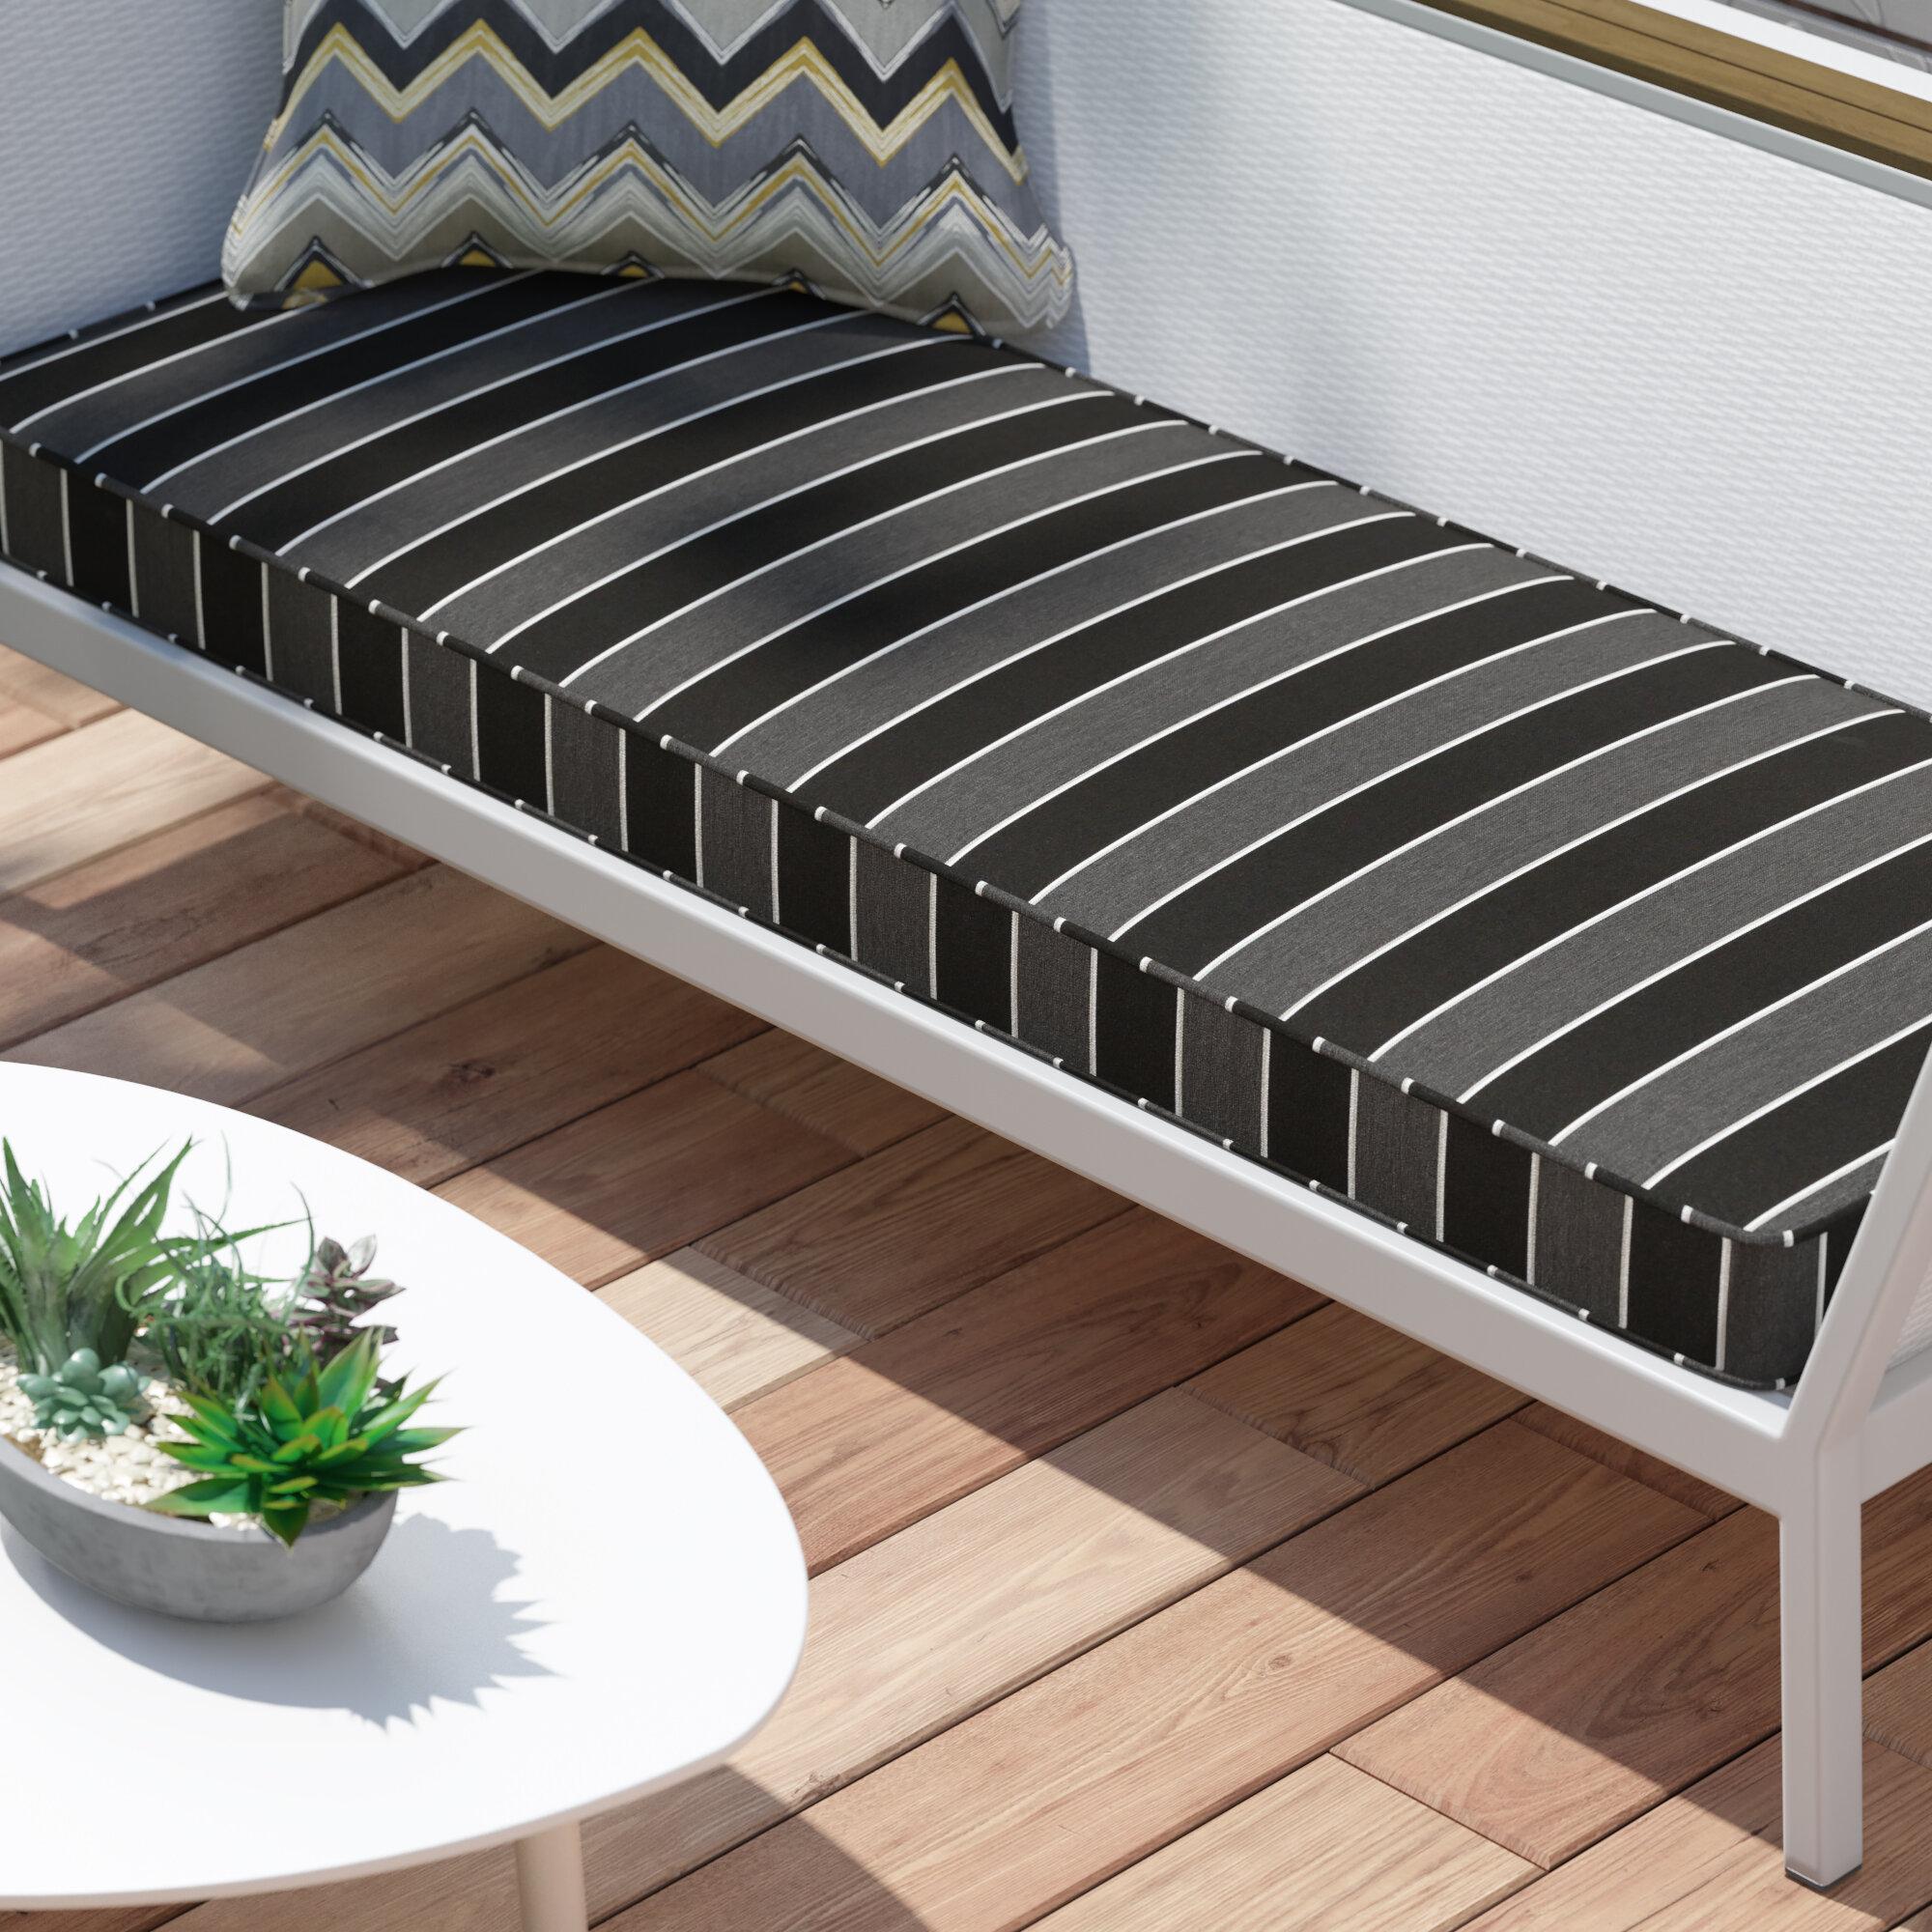 Brayden Studio Stripe Indoor Outdoor Sunbrella Bench Cushion Reviews Wayfair